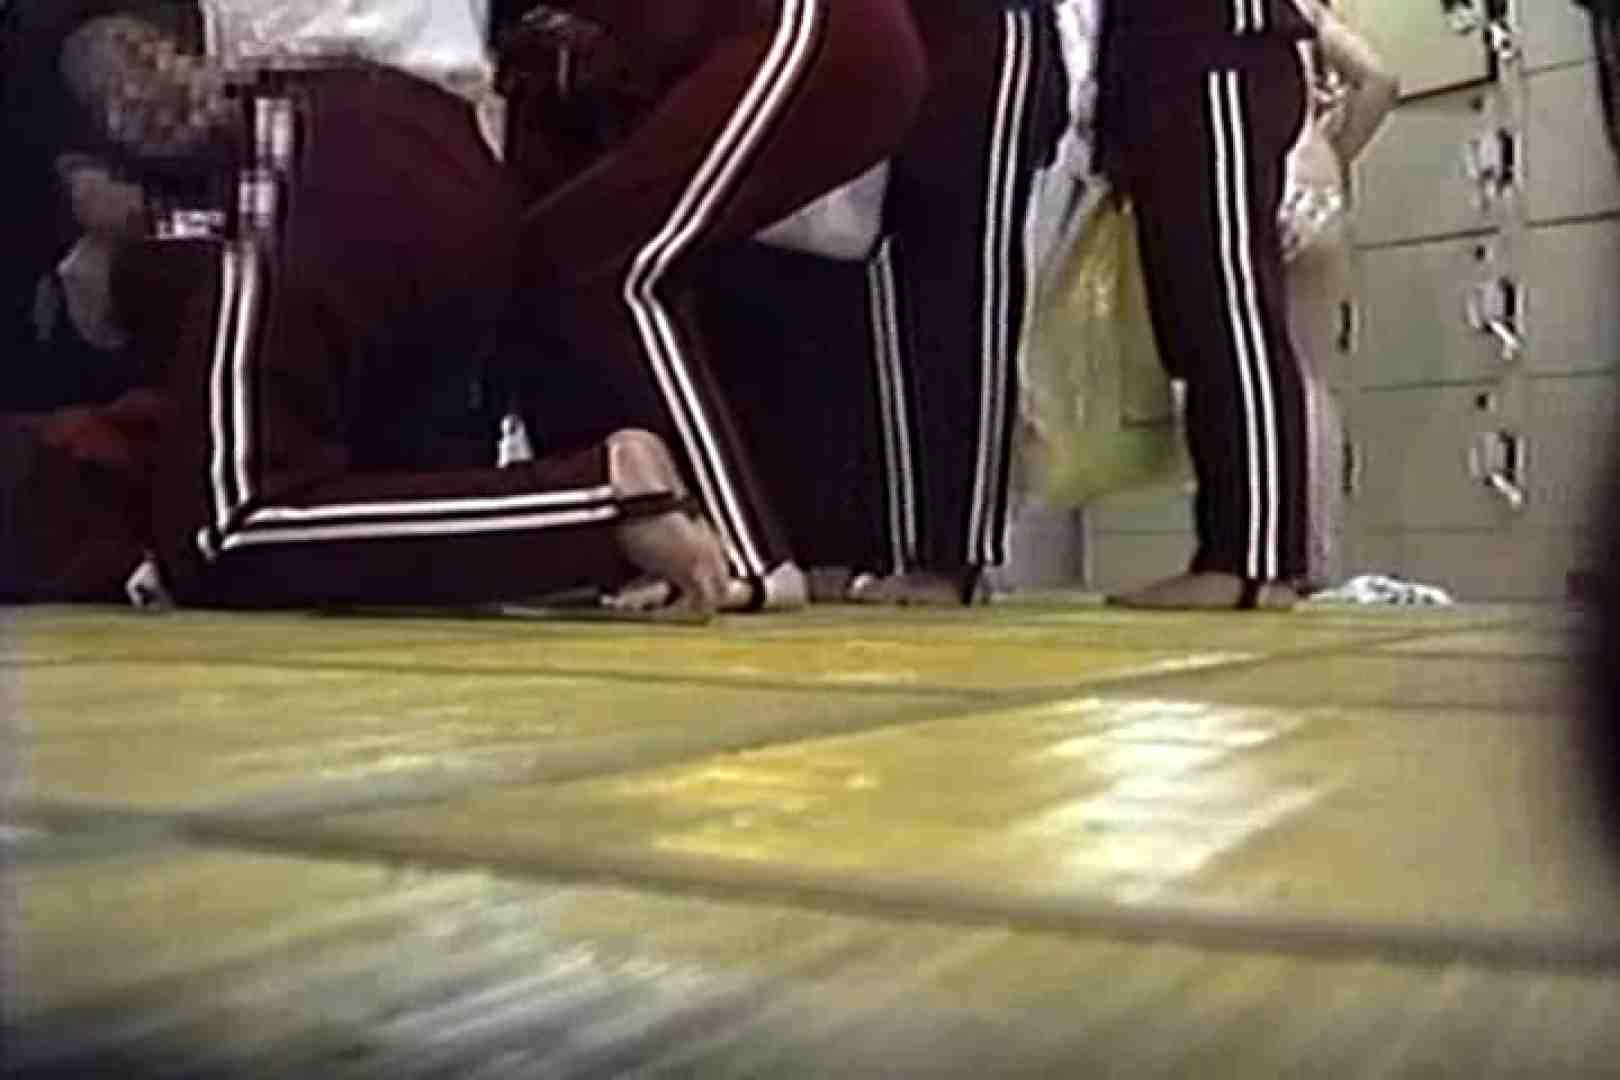 (9月21日配信停止)超・痴覚の眼 修学旅行TNK-09 乳首 盗み撮りSEX無修正画像 93連発 13